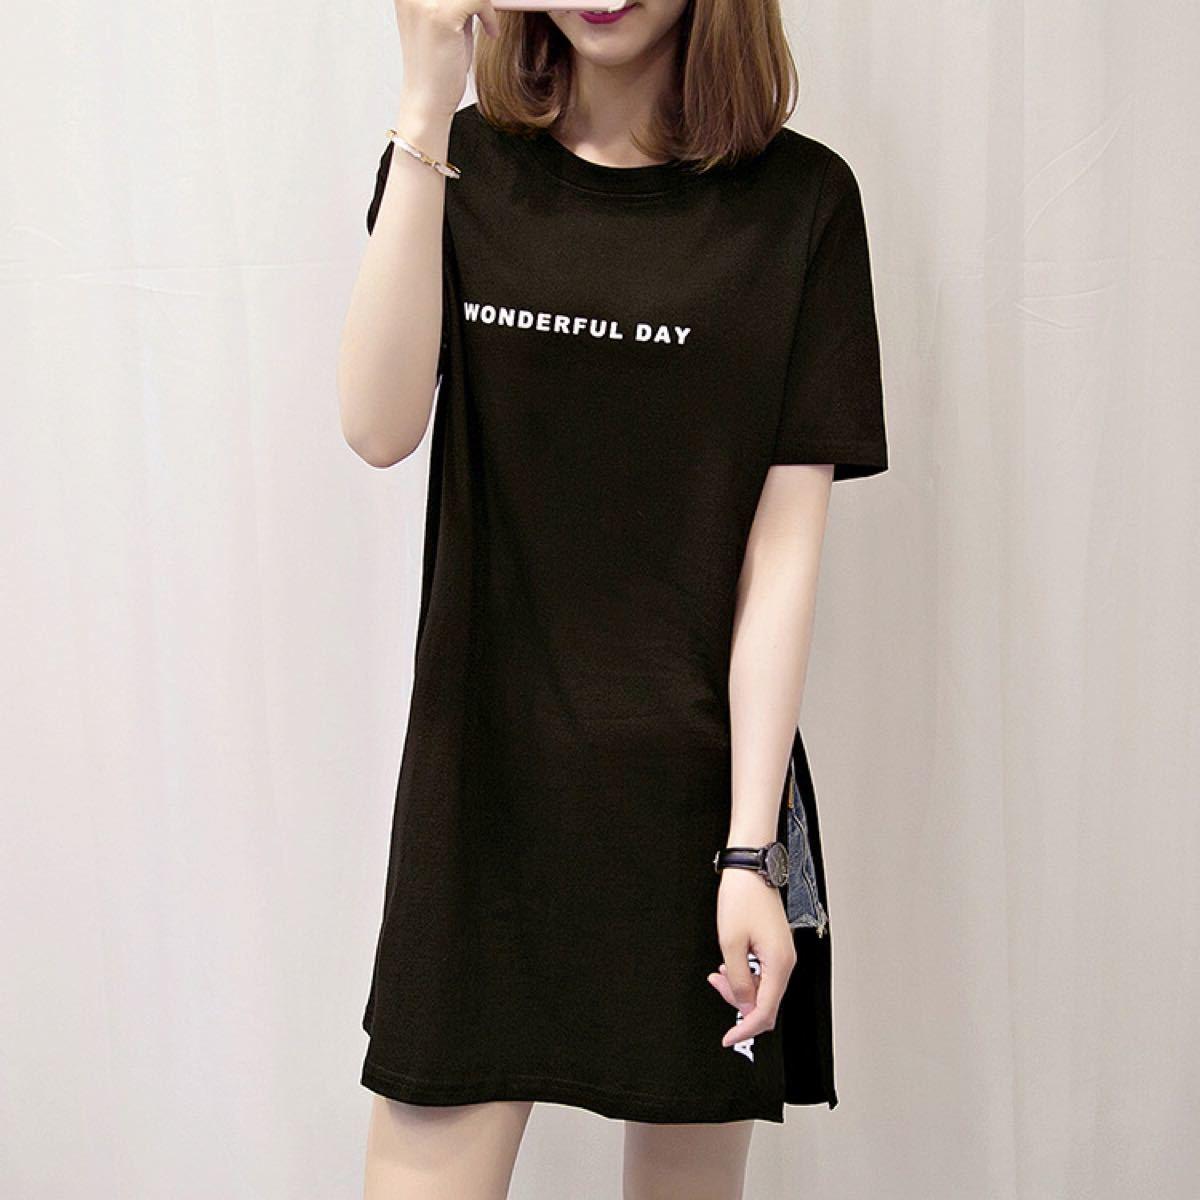 ワンピース   Tシャツ チュニック レディース ミニ丈 スリット ロゴT 韓国